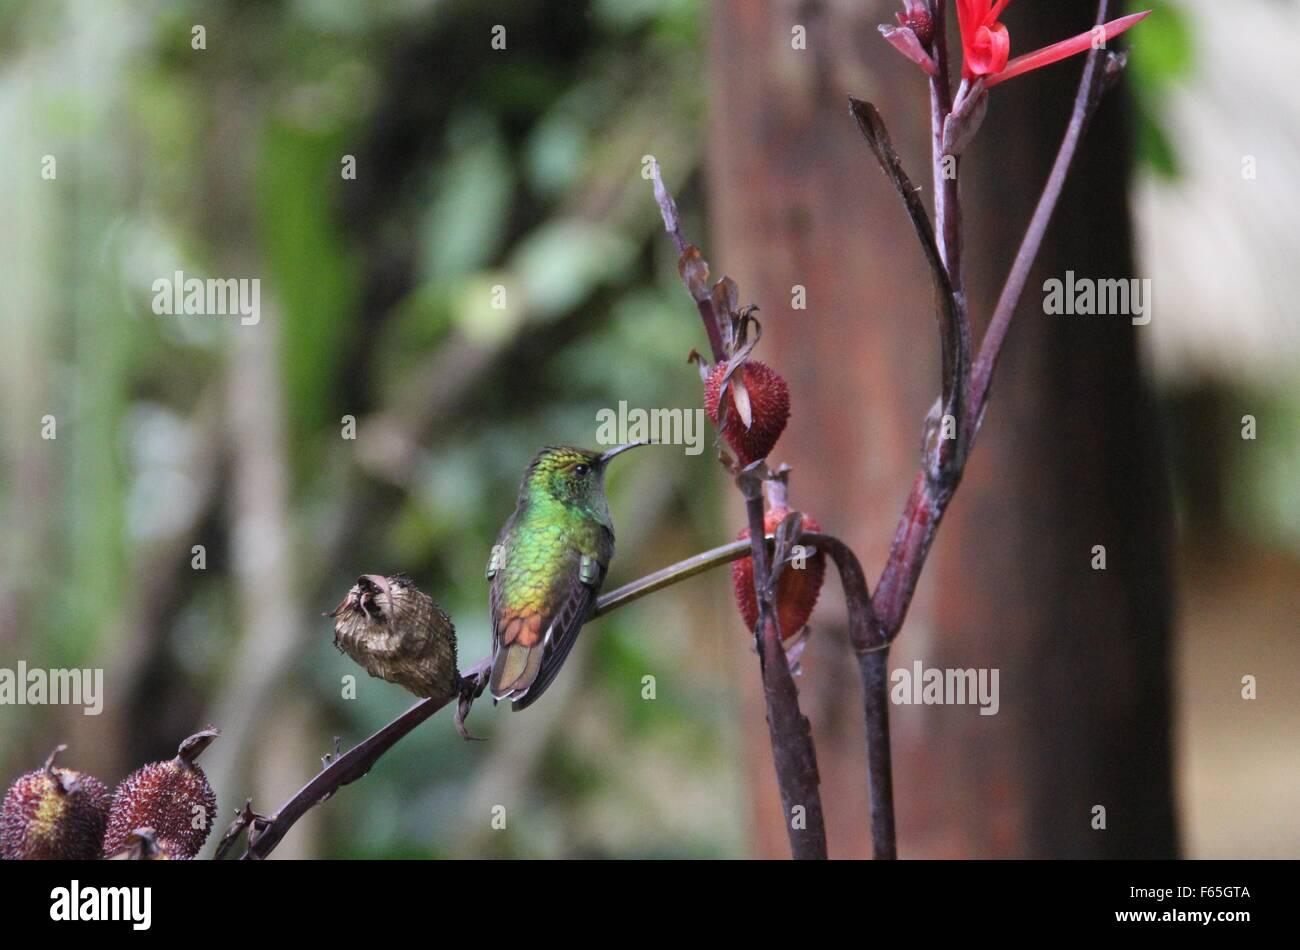 Un colibrí esmeralda de cabeza cobrizos, Elvira cupreiceps Sallacca, posado en la rama. Imagen De Stock